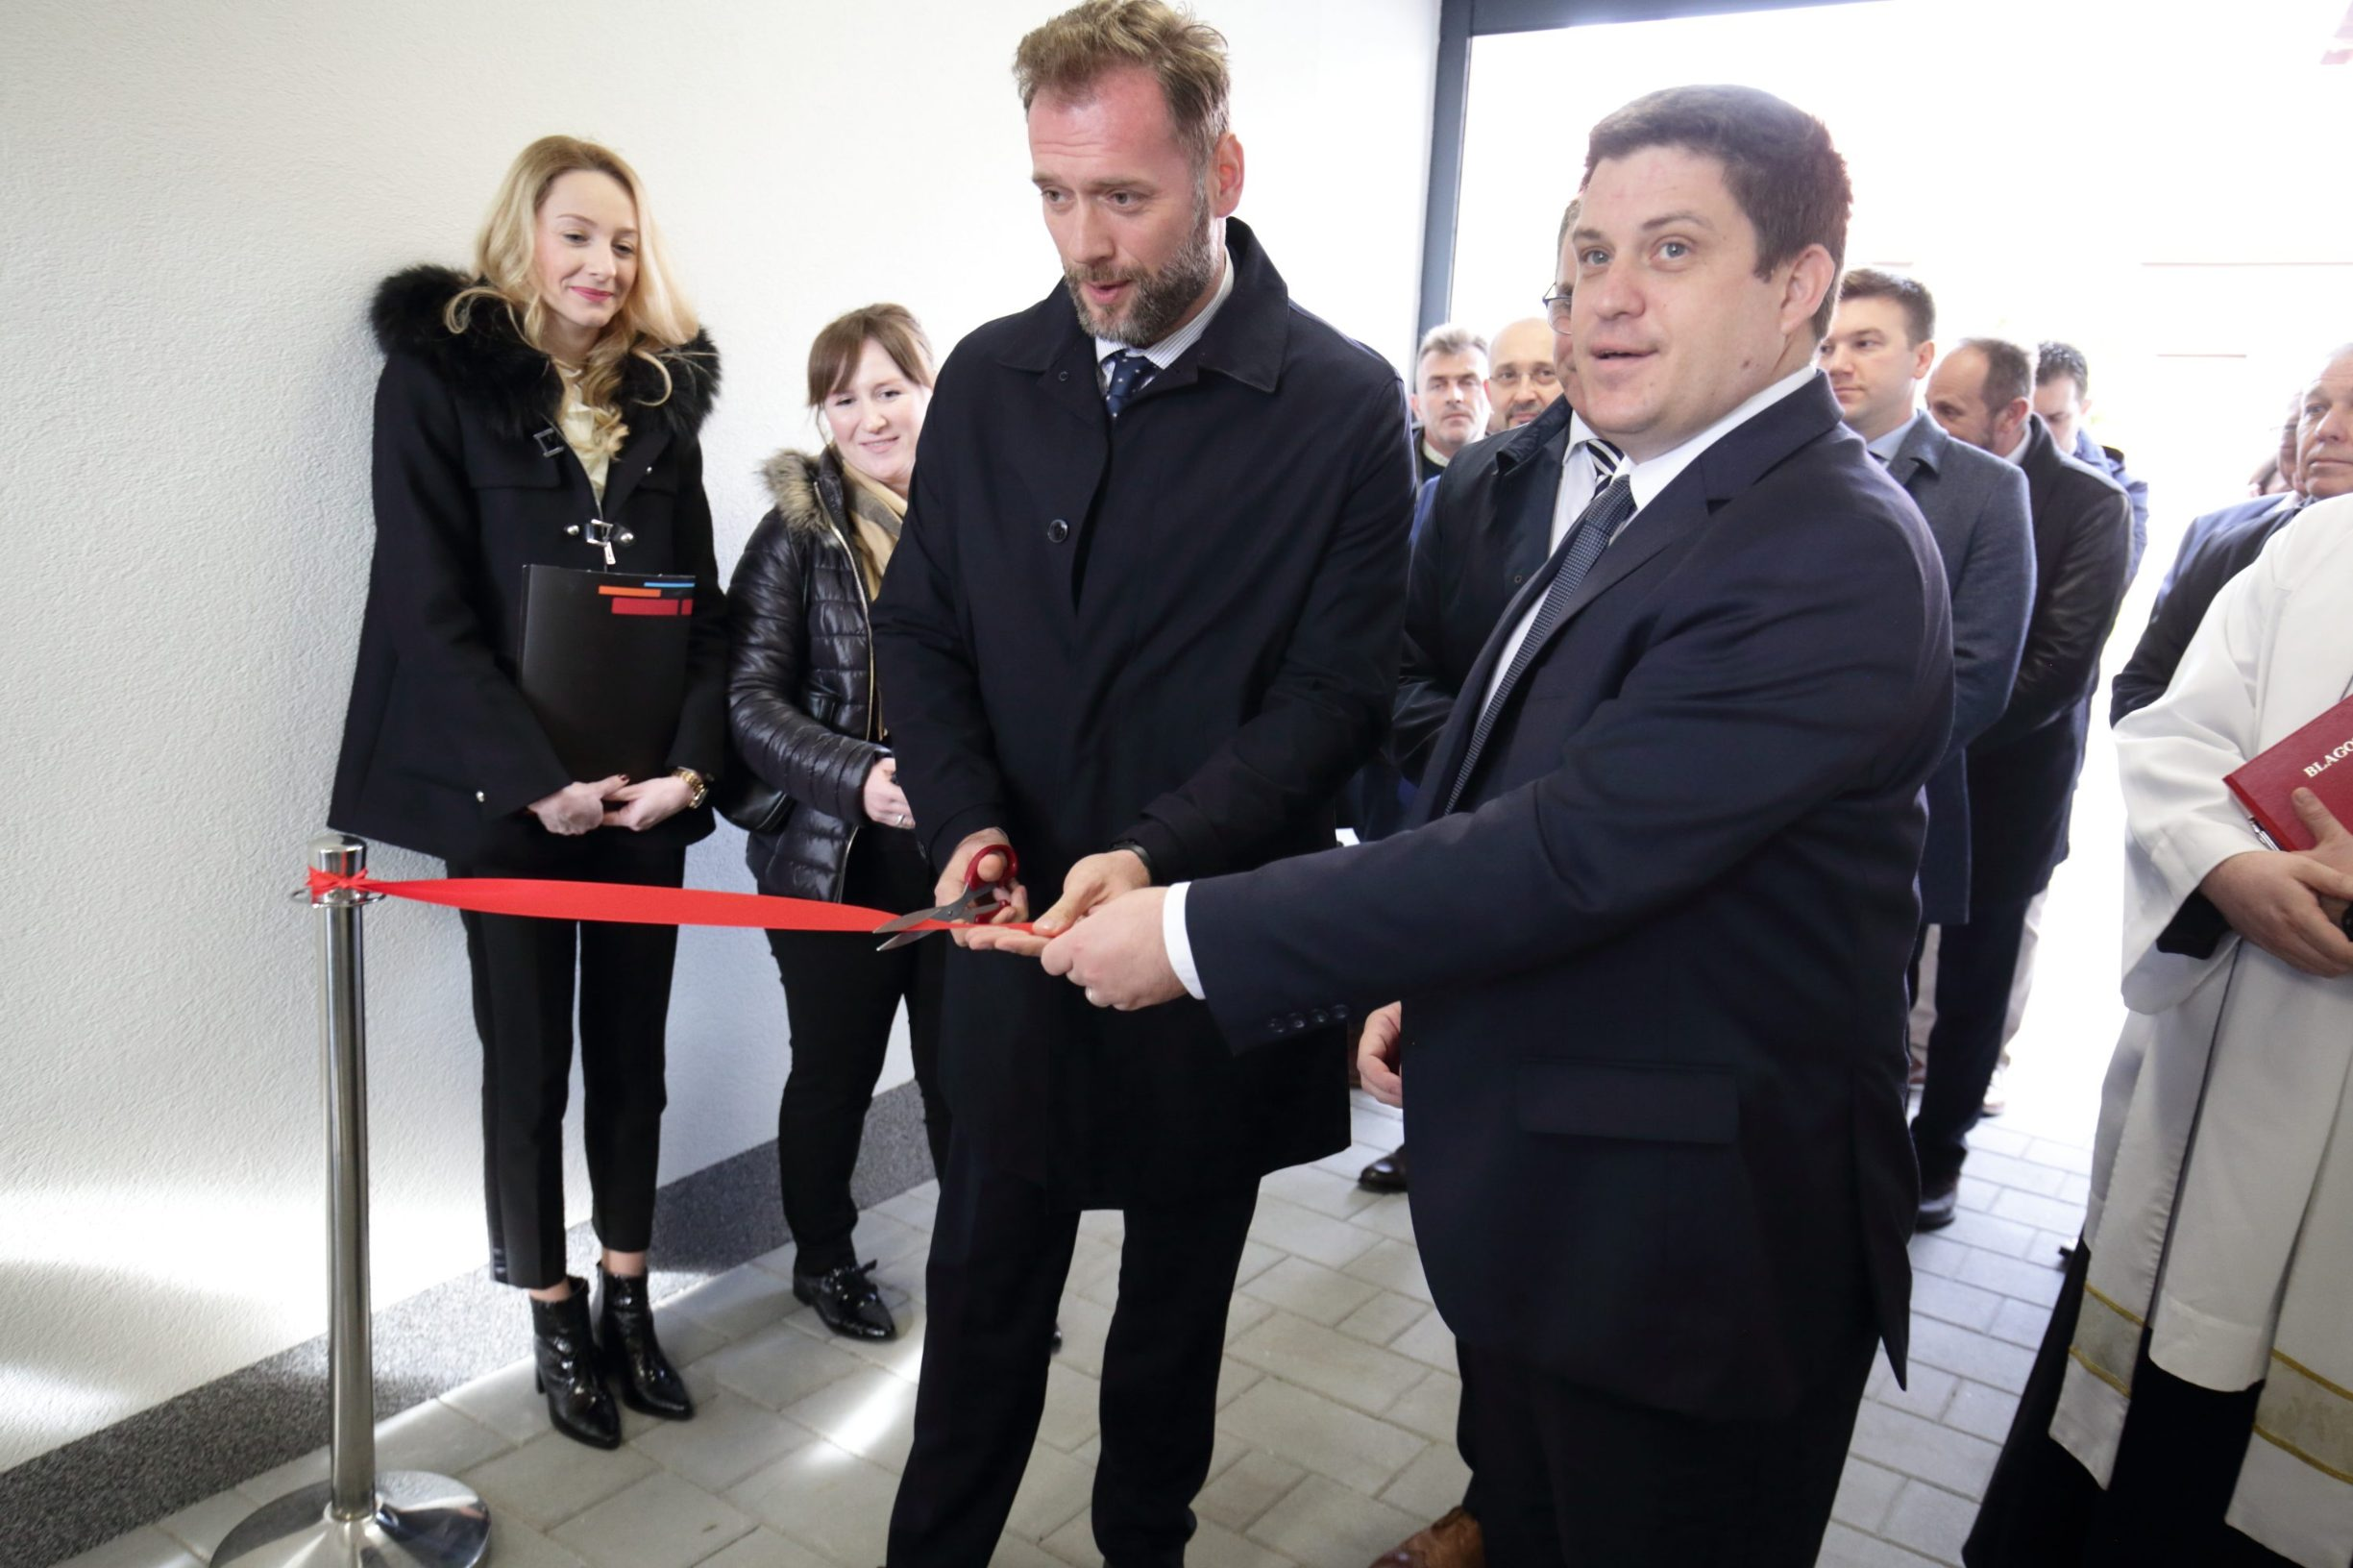 Ministar Oleg Butković i Mate Botica direktor OIV-a na otvaranju ovih poslovnih prostora tvrtke Odašiljaši i veze u Osijeku